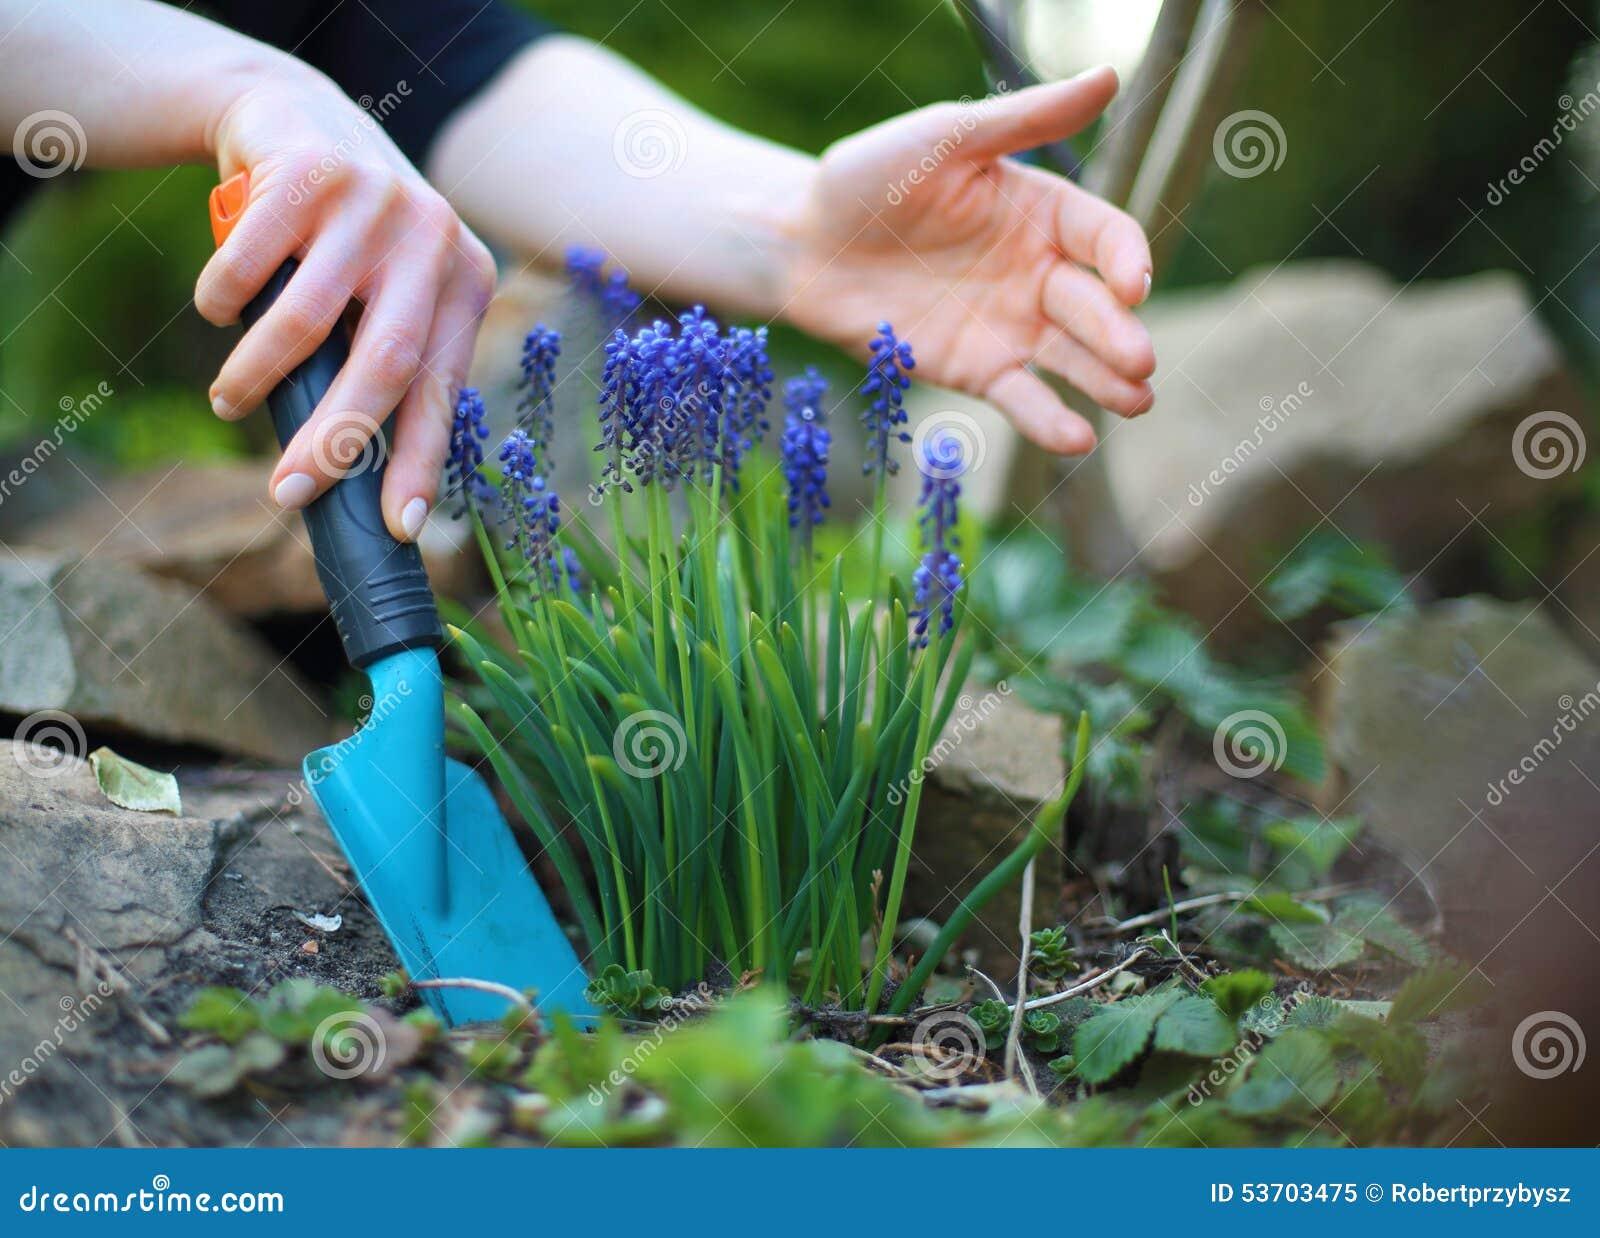 pflanzen von blumen, frühlingsgartenarbeit stockbild - bild von